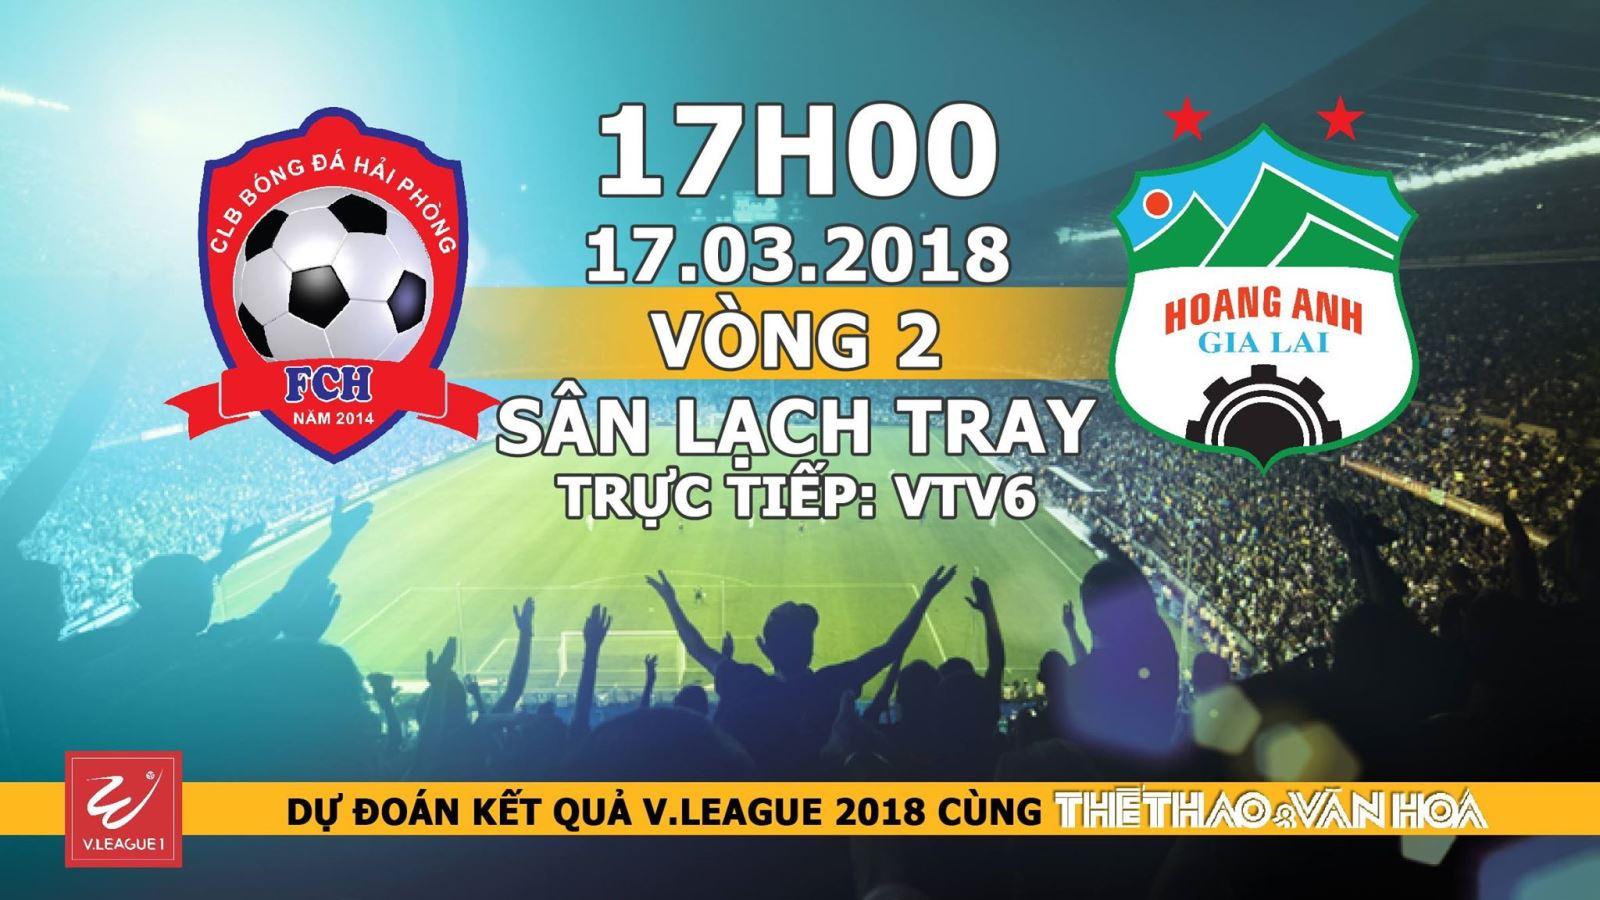 Kết quả chương trình dự đoán có thưởng vòng 2 V-League: Trận Hải Phòng - HAGL